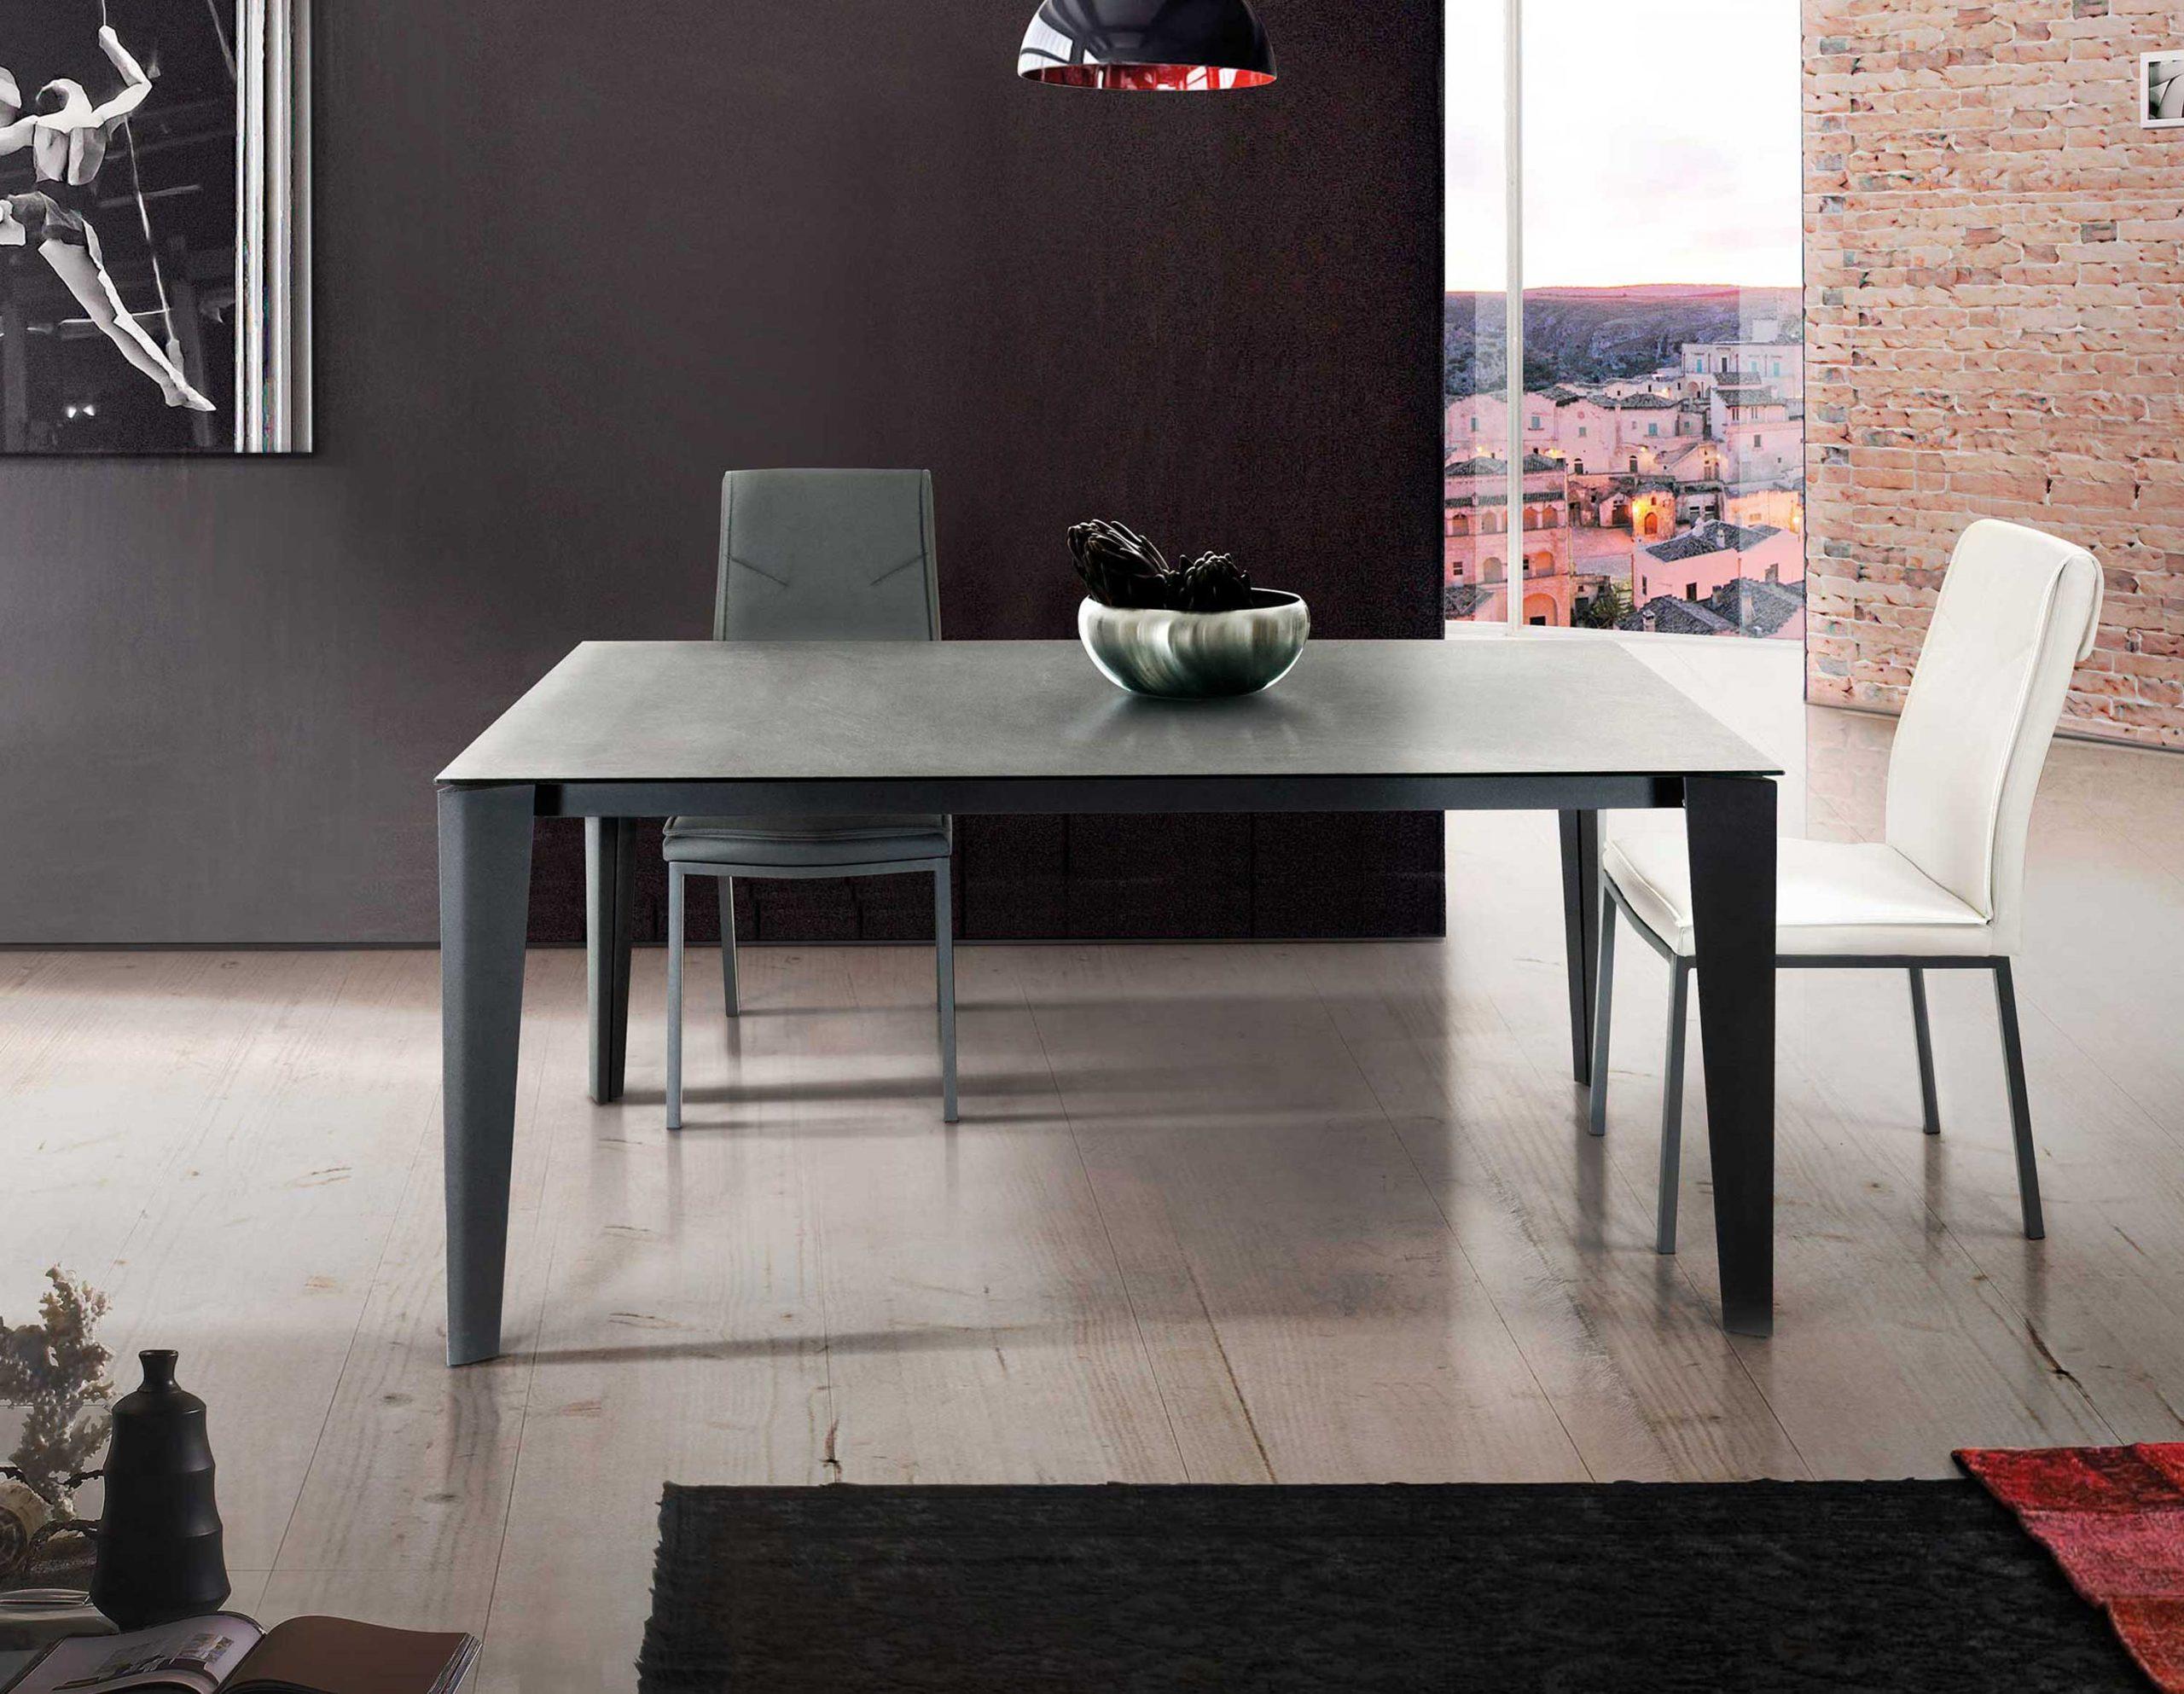 Target Tavolo Allungabile In Metallo E Vetro Insedia It Sedie Tavoli E Arredamento Vendita Online